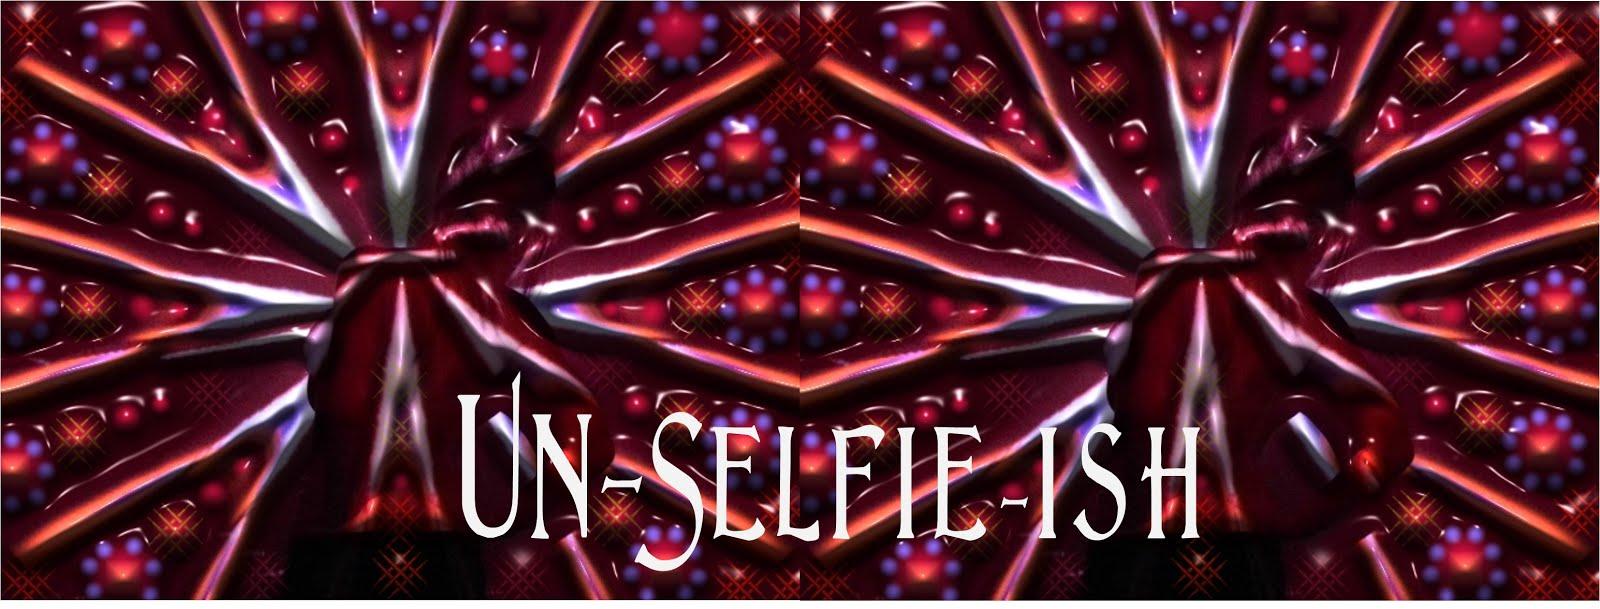 Un-Selfie-Ish